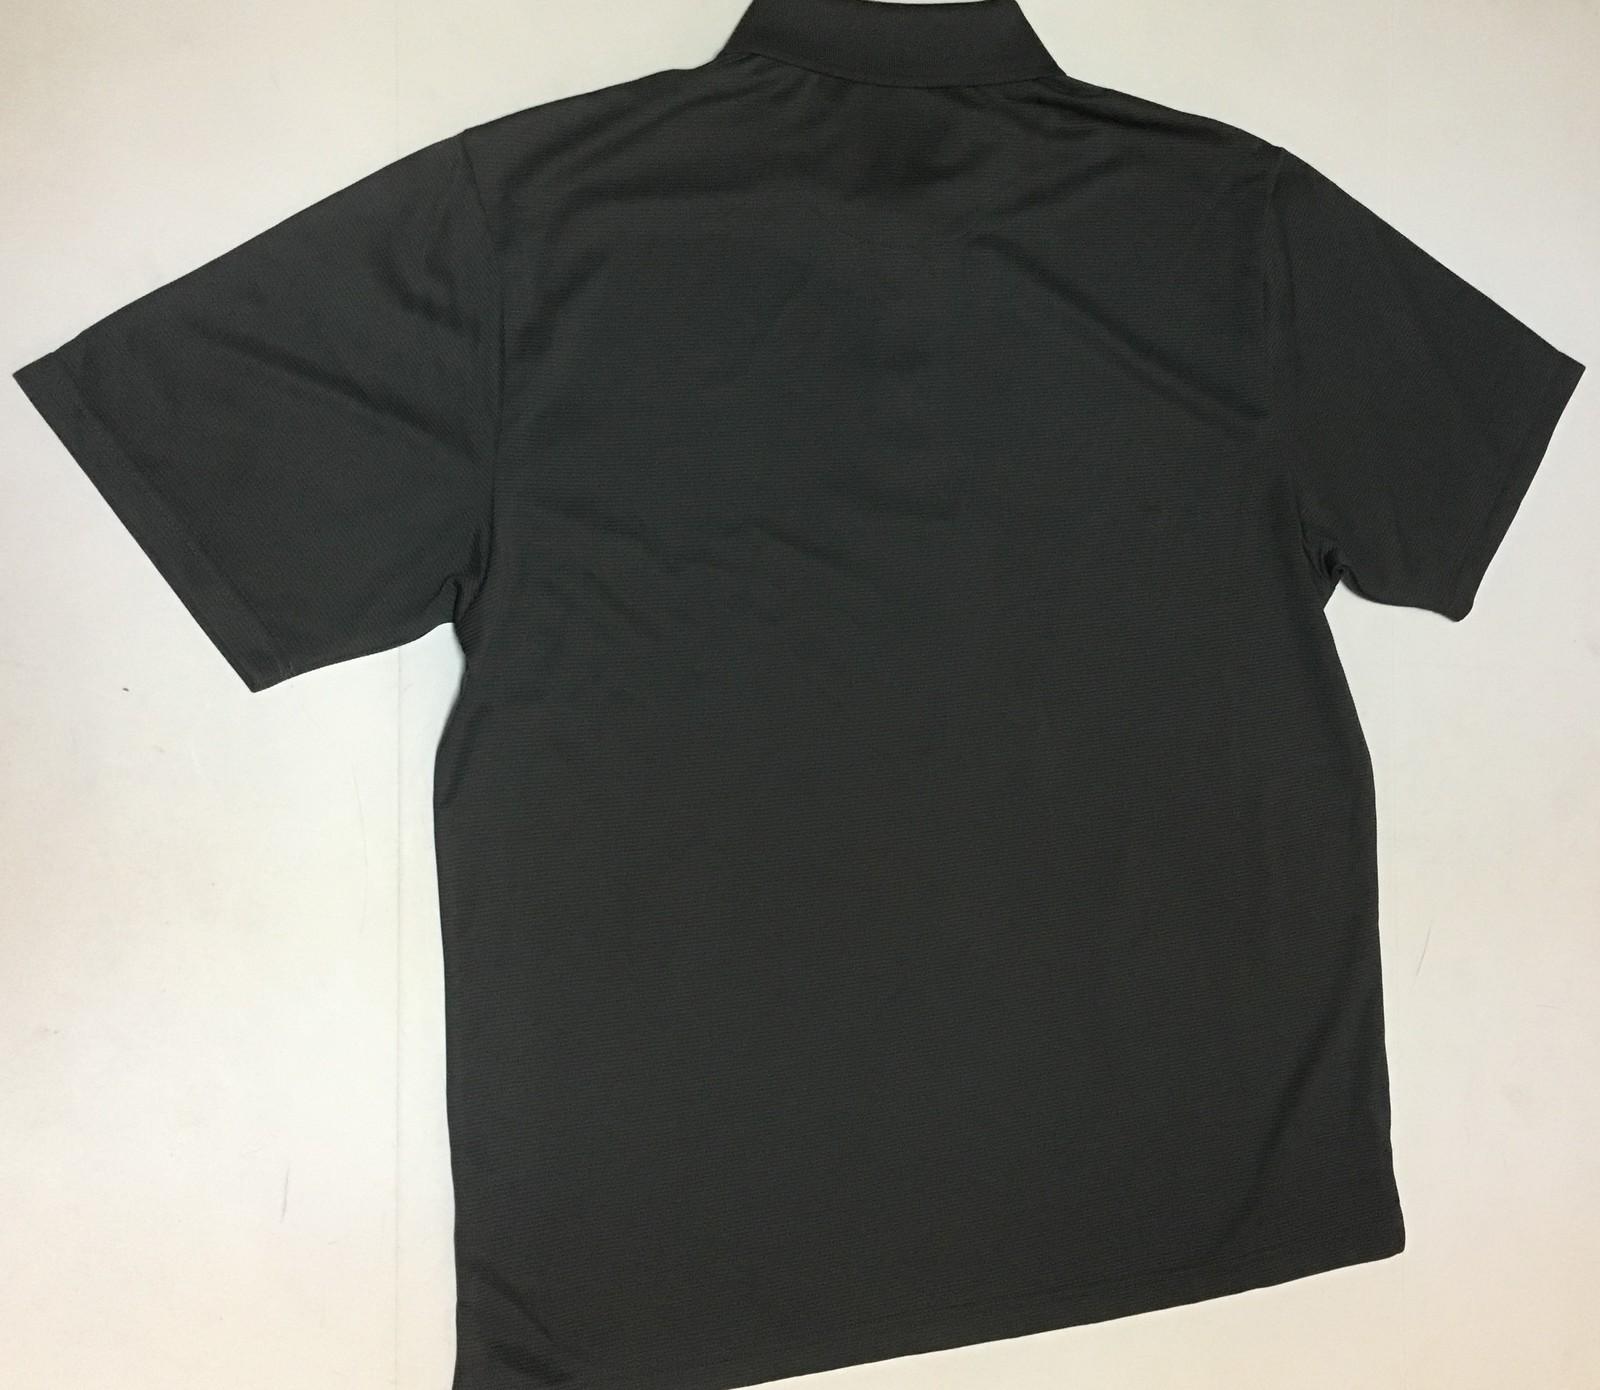 Ben Hogan Golf Performance Polo Shirt Asphalt Gray Various Sizes